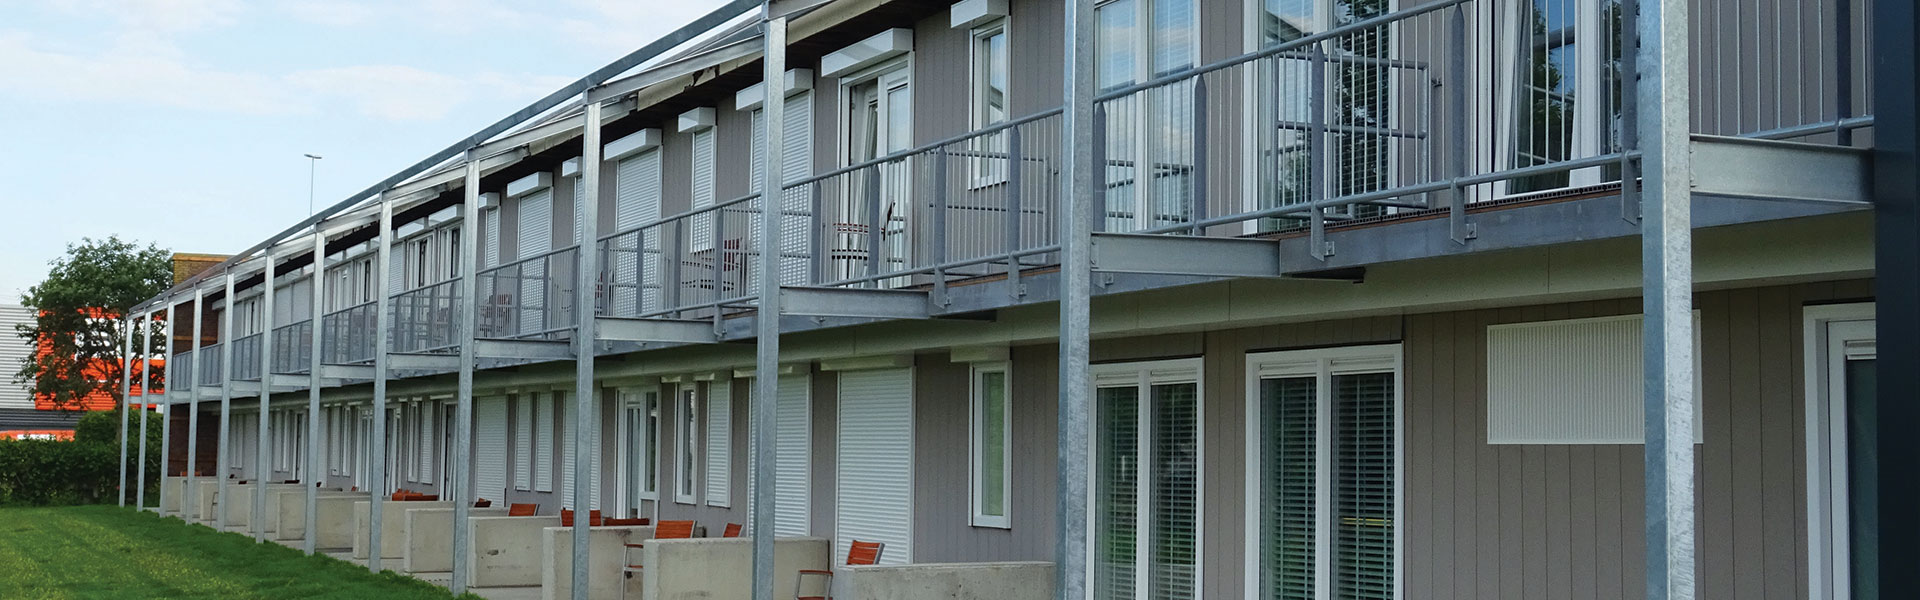 Haje-Hotel-Heerenveen-Wijnsma-Kozijnen